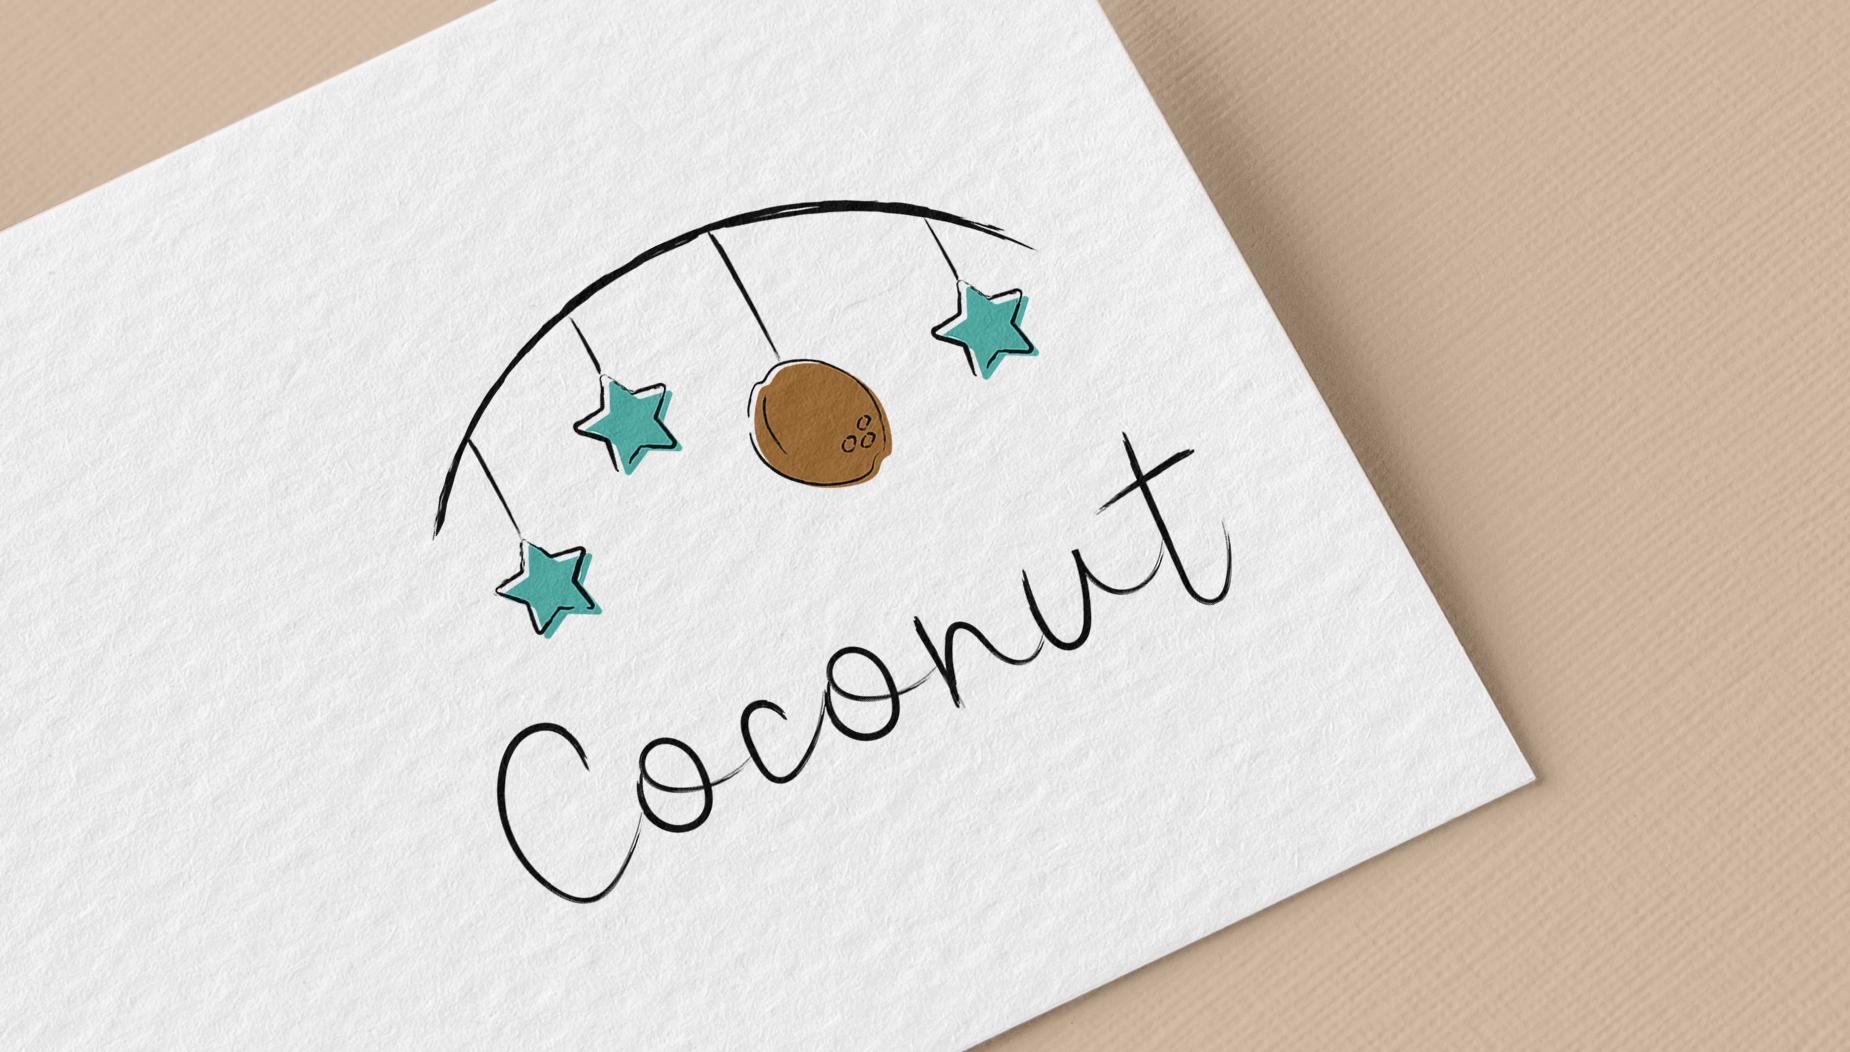 Coconut-LogoMockup